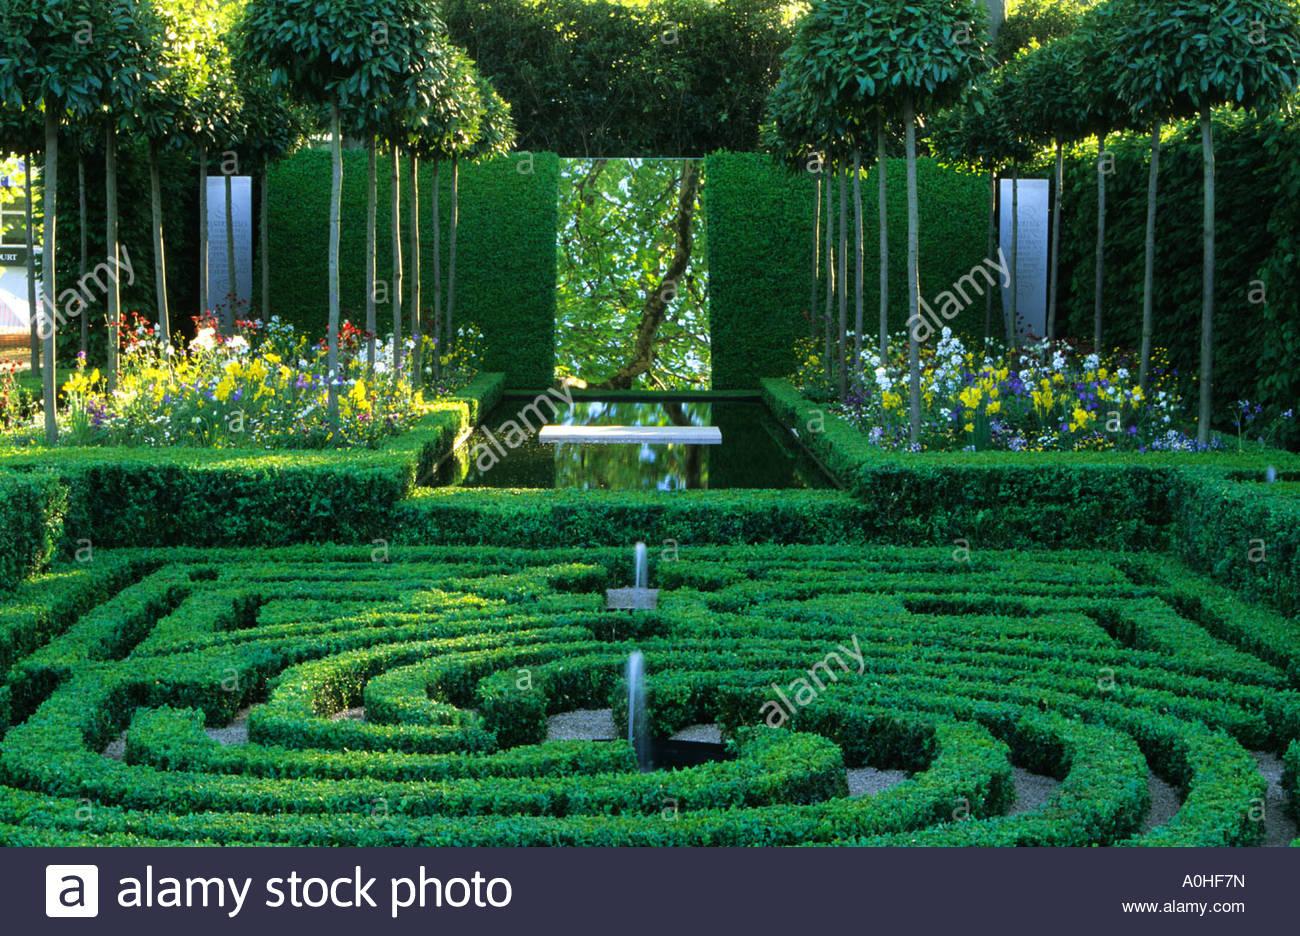 Buchsbaum labyrinth knoten garten stockfoto bild 9999560 alamy - Buchsbaum garten ...